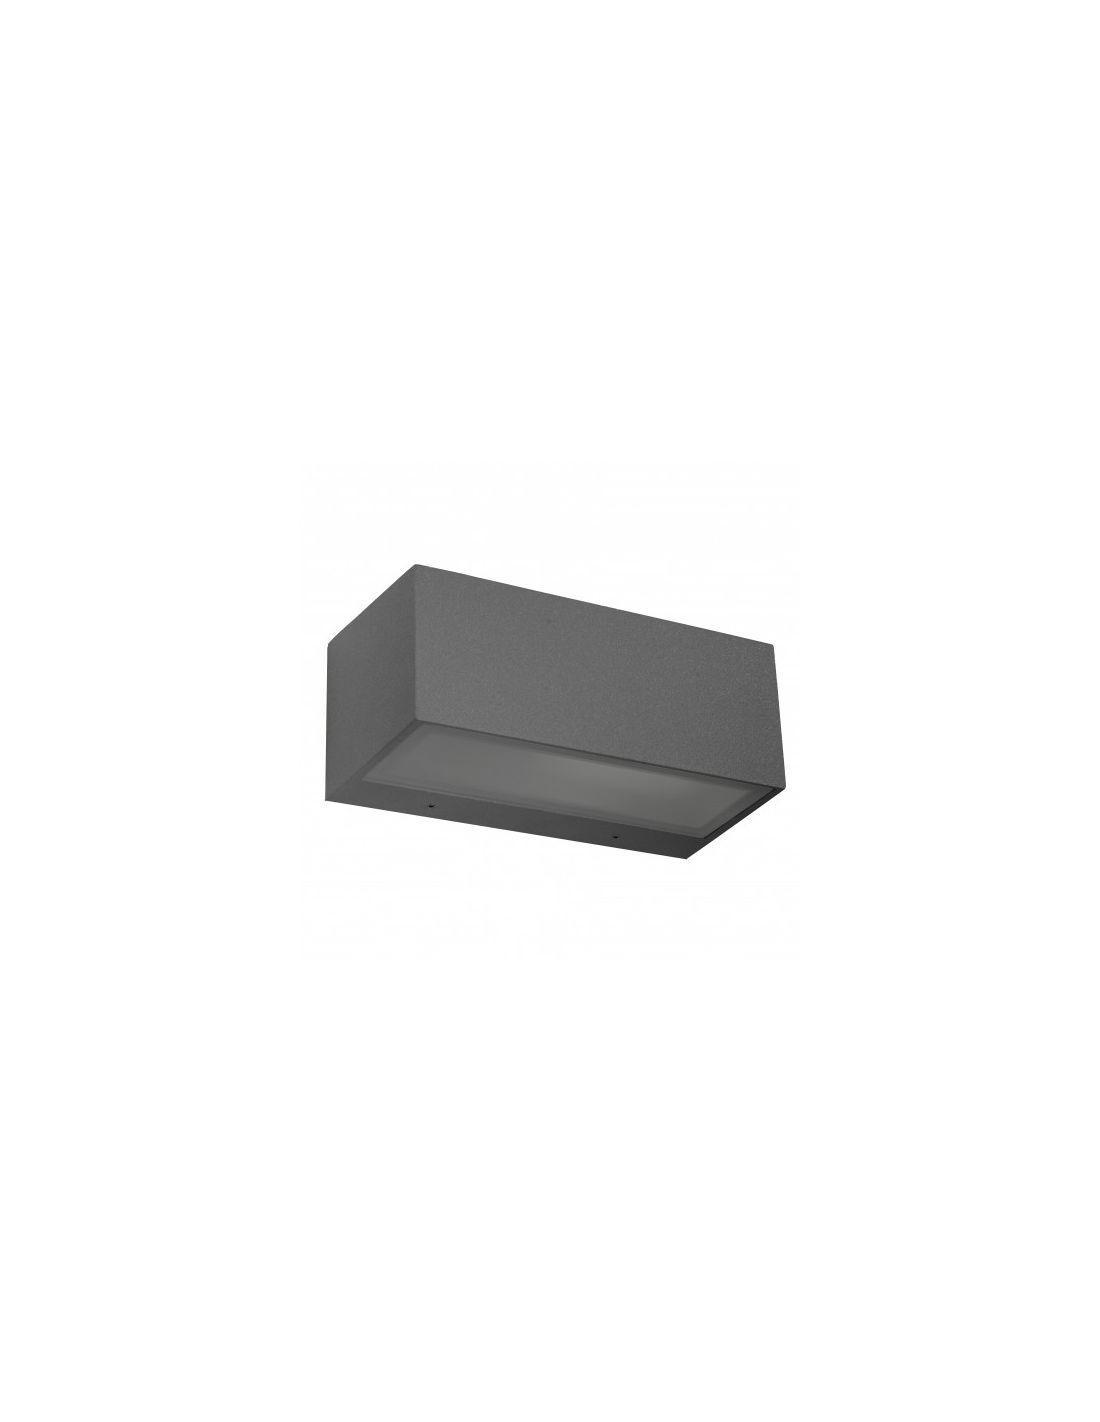 Aplique exterior n mesis gris oscuro env o r pido y seguro for Exterior gris oscuro